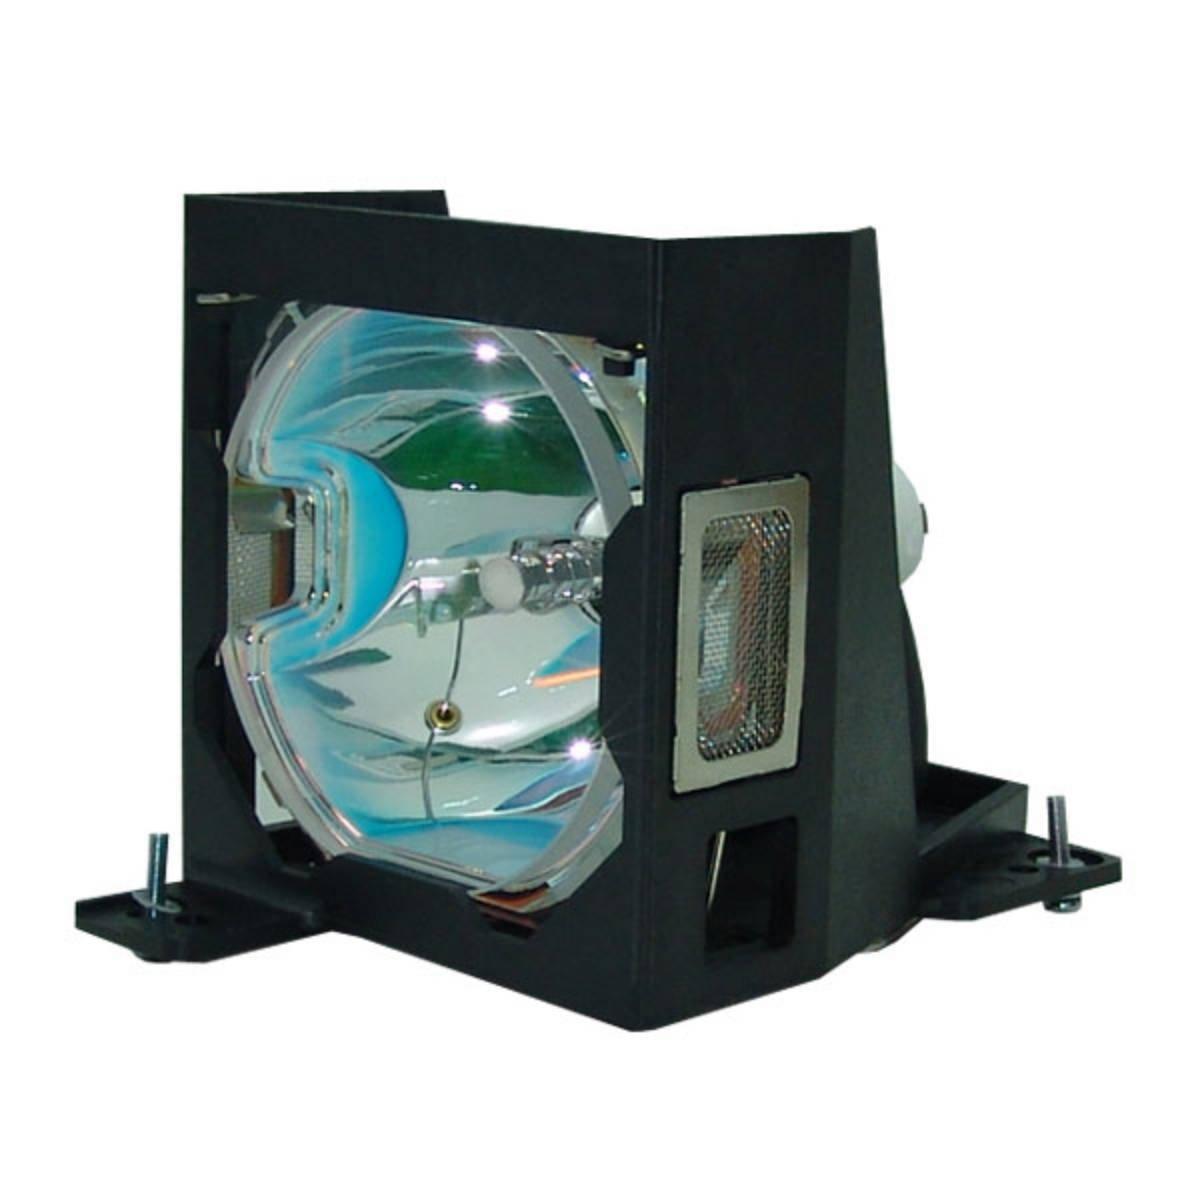 CTLAMP ET-LAL6510 Compatible Projector Lamp ET-LAL6510 Bulb with Housing for Panasonic L6600 / L6500 / L6510 / PT-L6600 / PT-L6510 / PT-L6500 / L6500E / L6510E / L6600E / PT-L6500E / PT-L6510E by CTLAMP